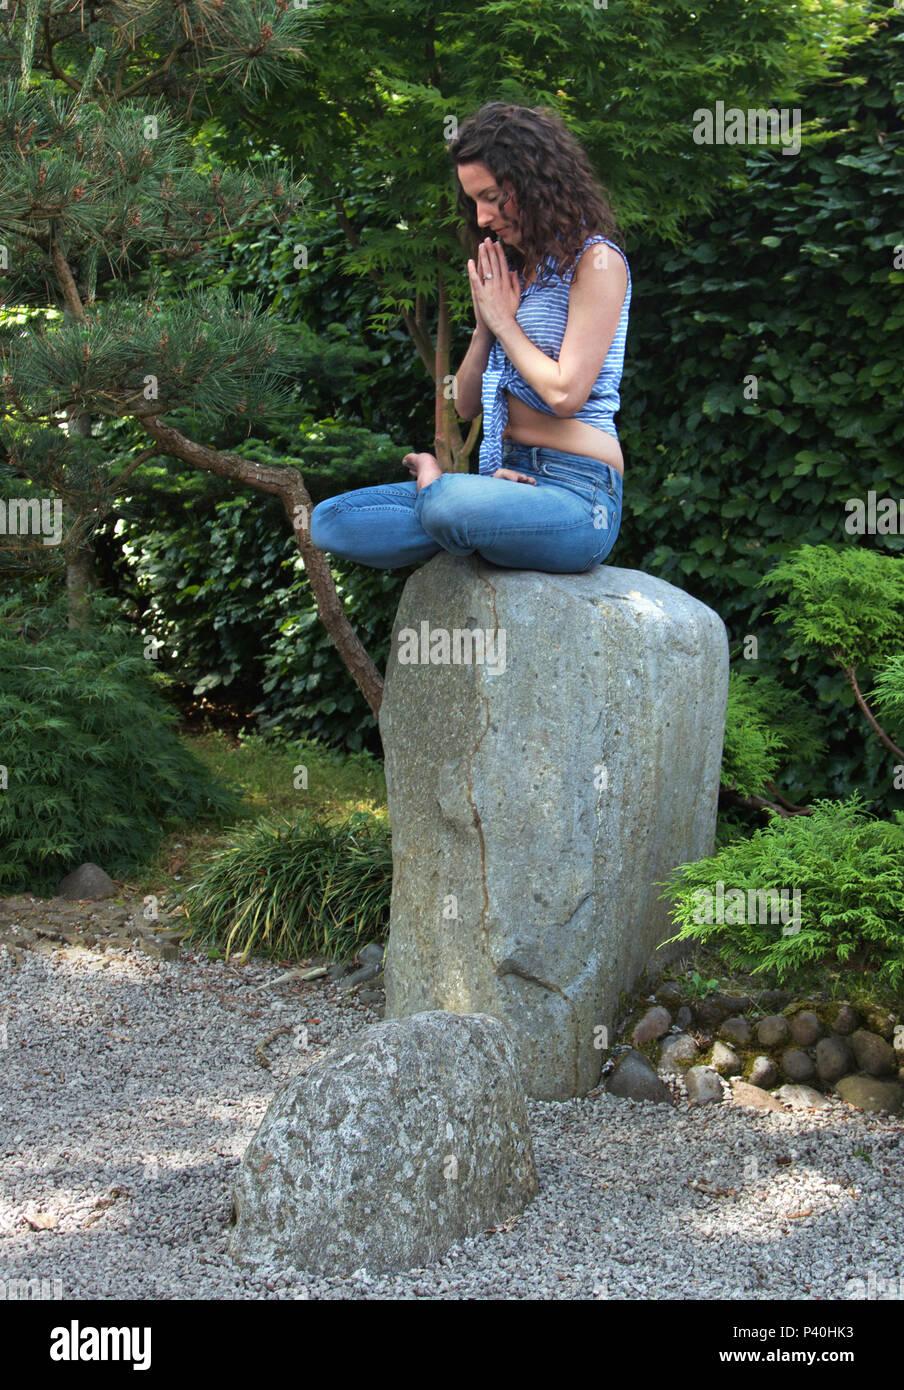 Femme dans la mi-trentaine méditant sur une pierre sacrée Photo Stock